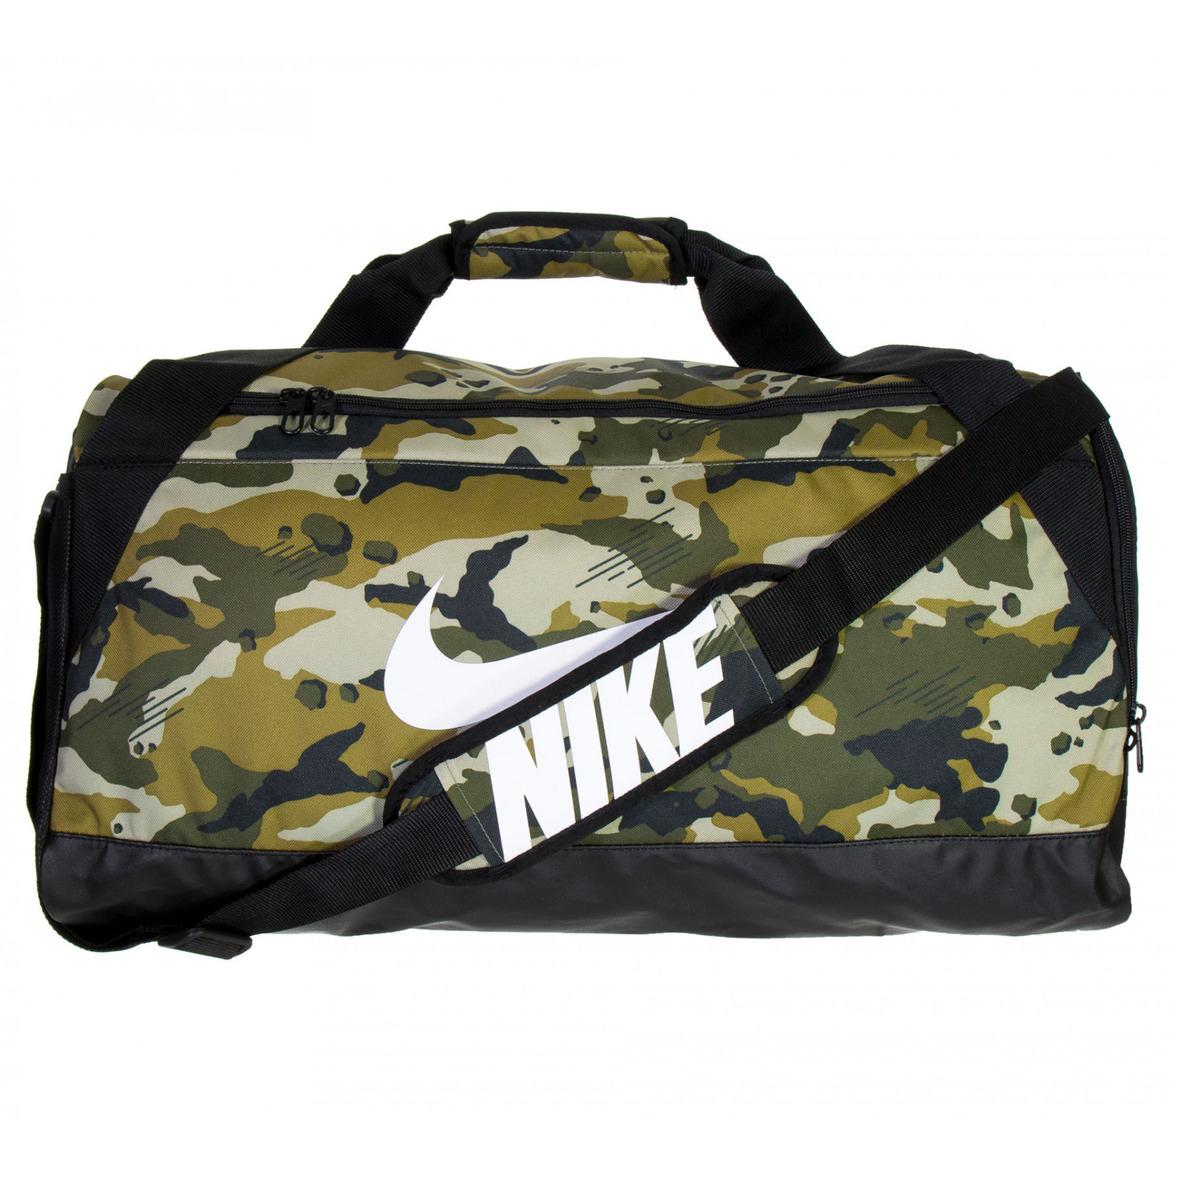 Medium De 17 45 Solo RebajasBolsa Deporte Brasilia Nike PXOkZiuT